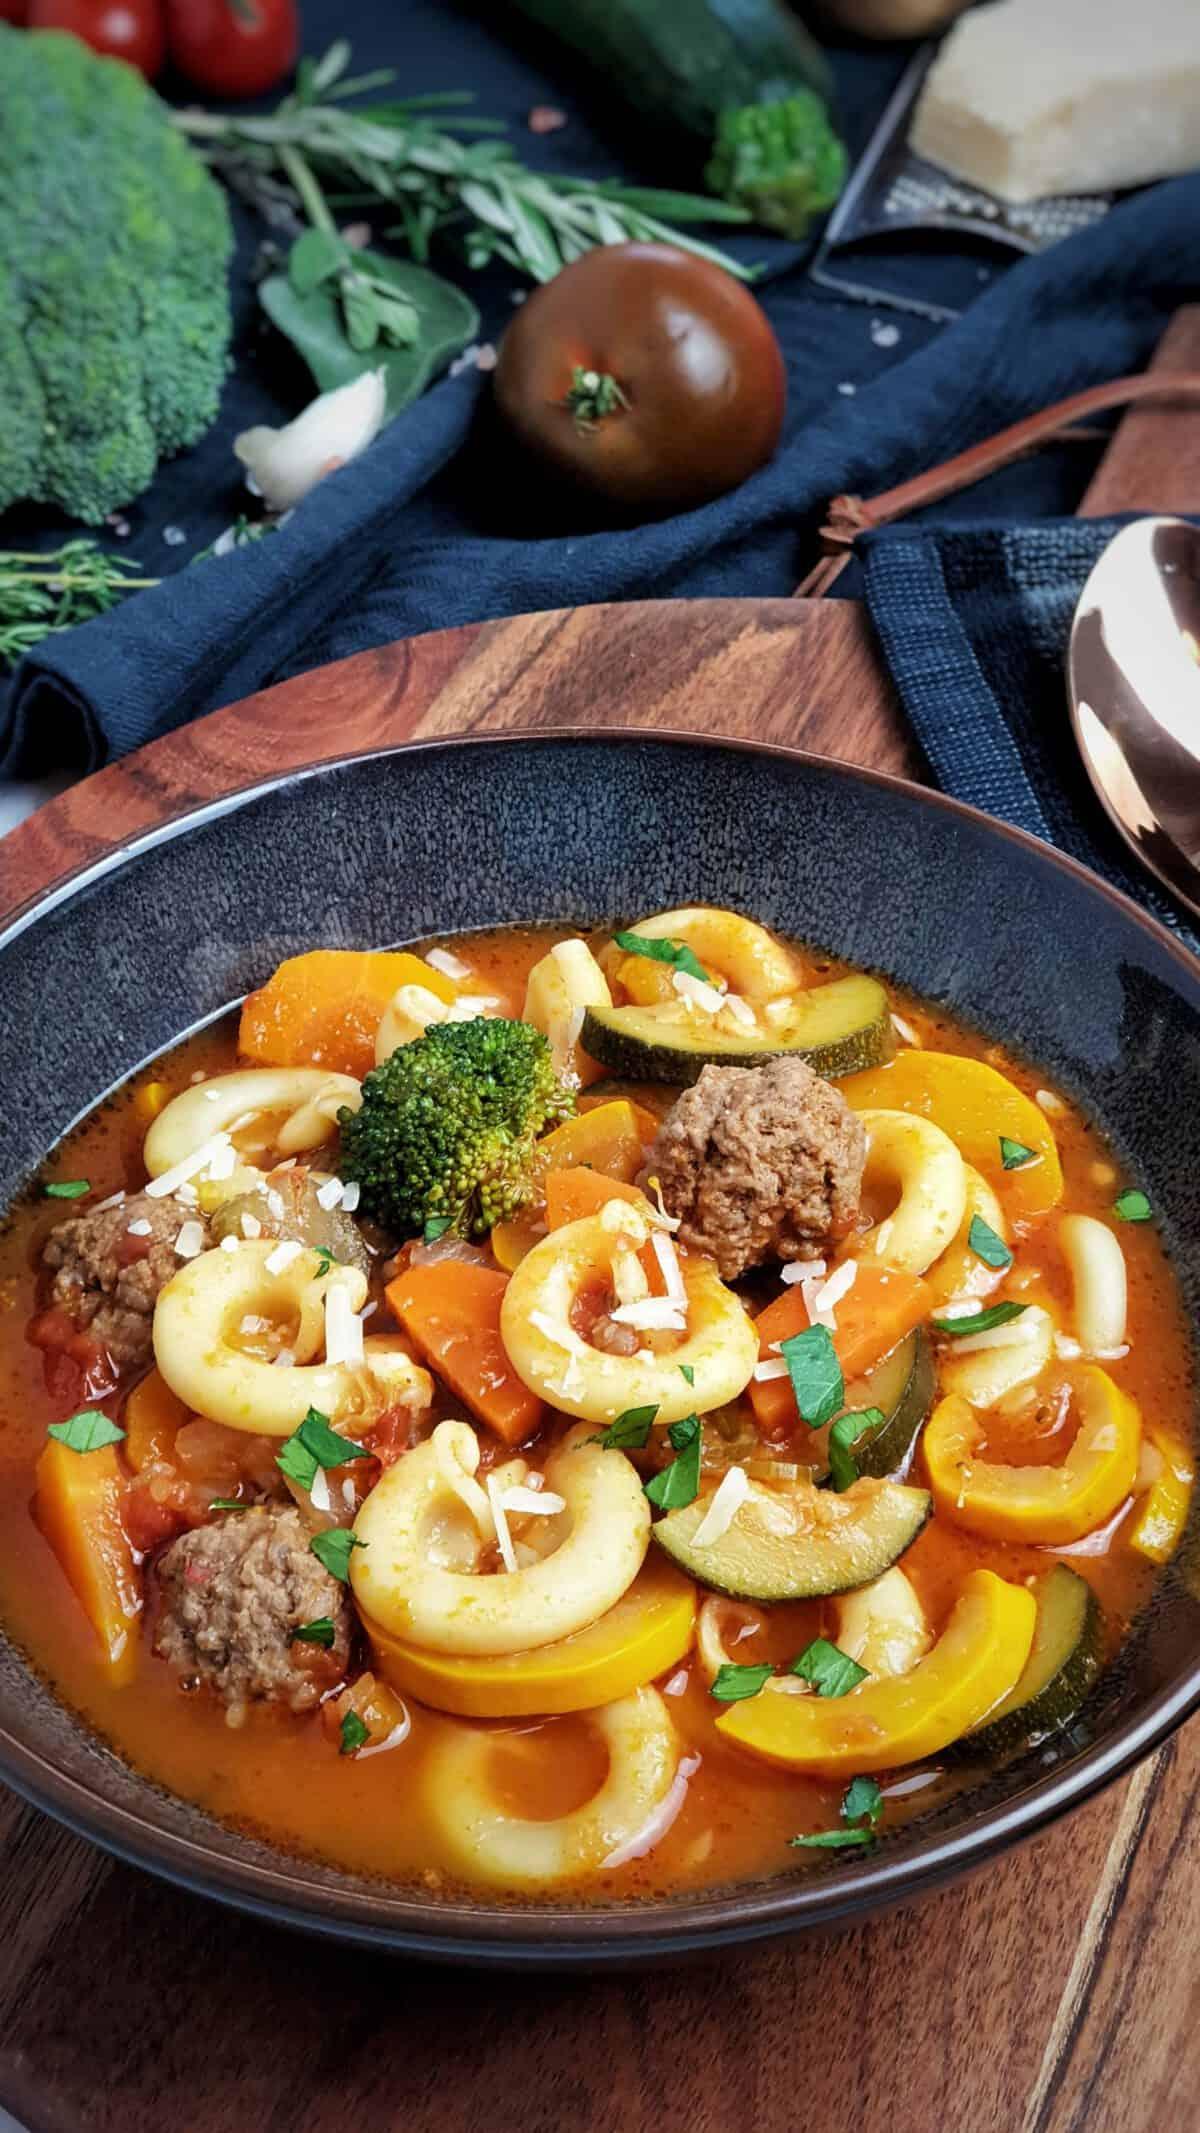 Minestrone, italienische Gemüsesuppe angerichtet in einer braunen Schale. Im Hintergrund Deko.